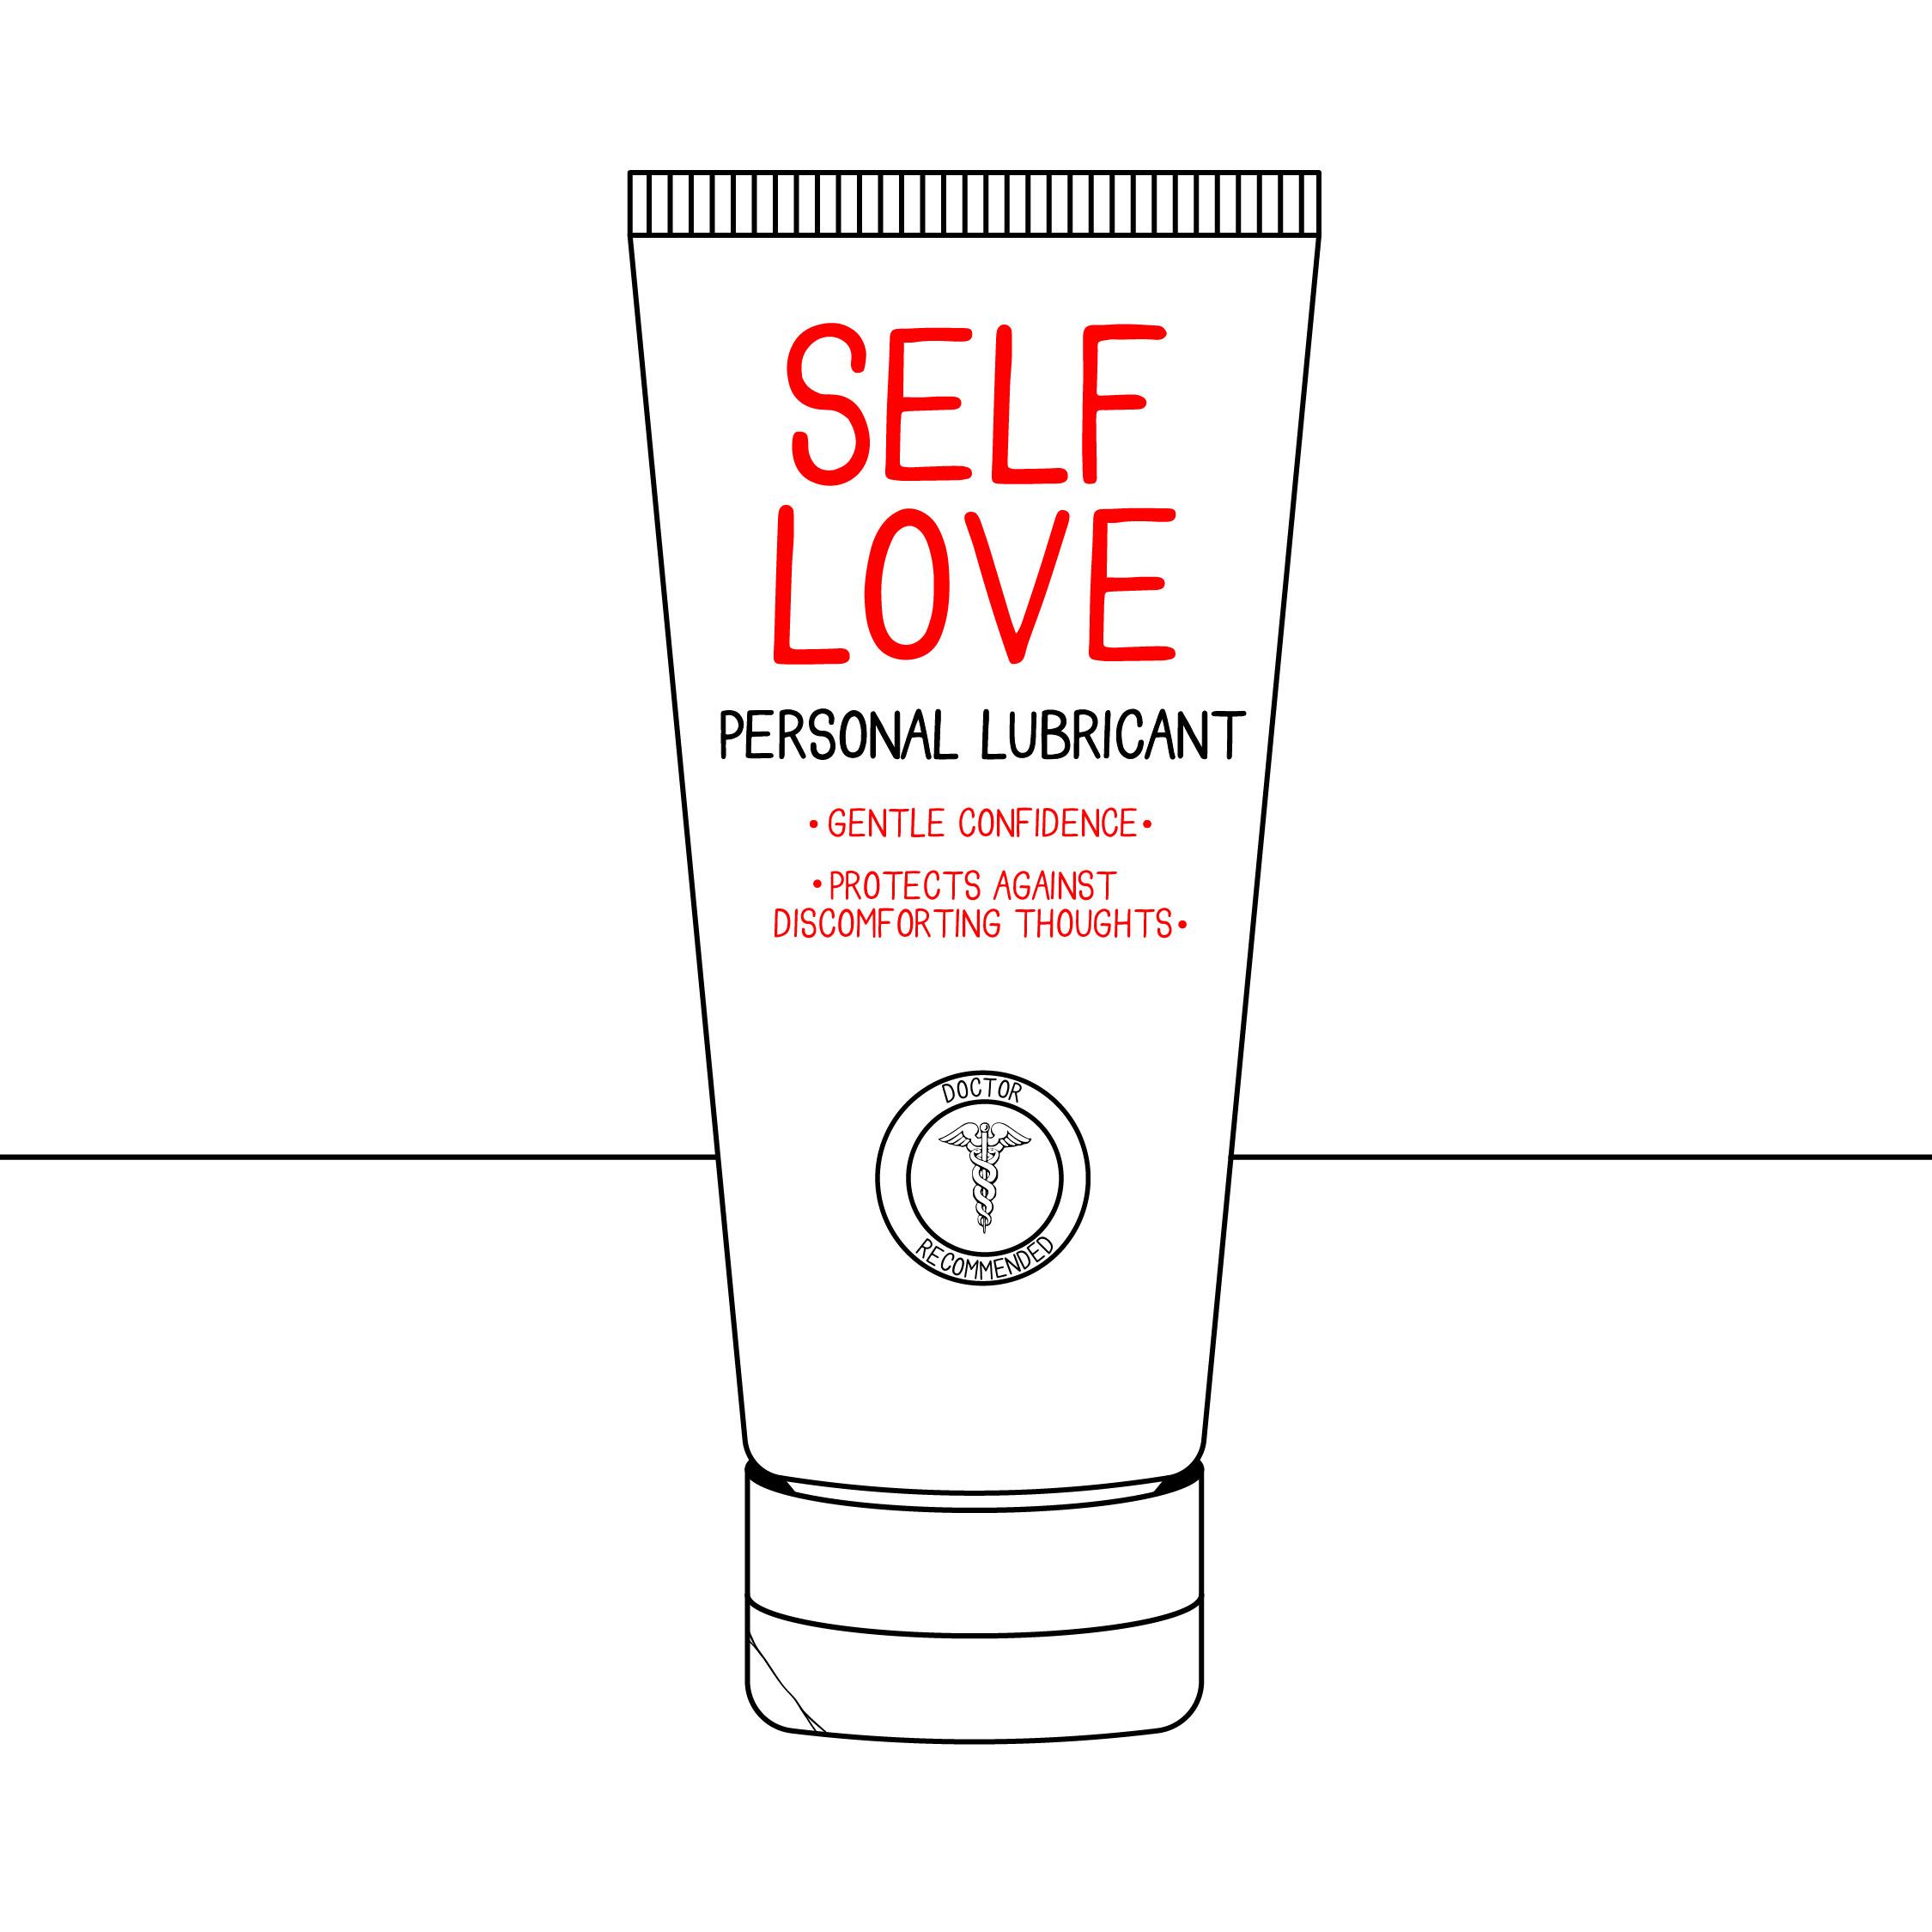 selflove-01.jpg